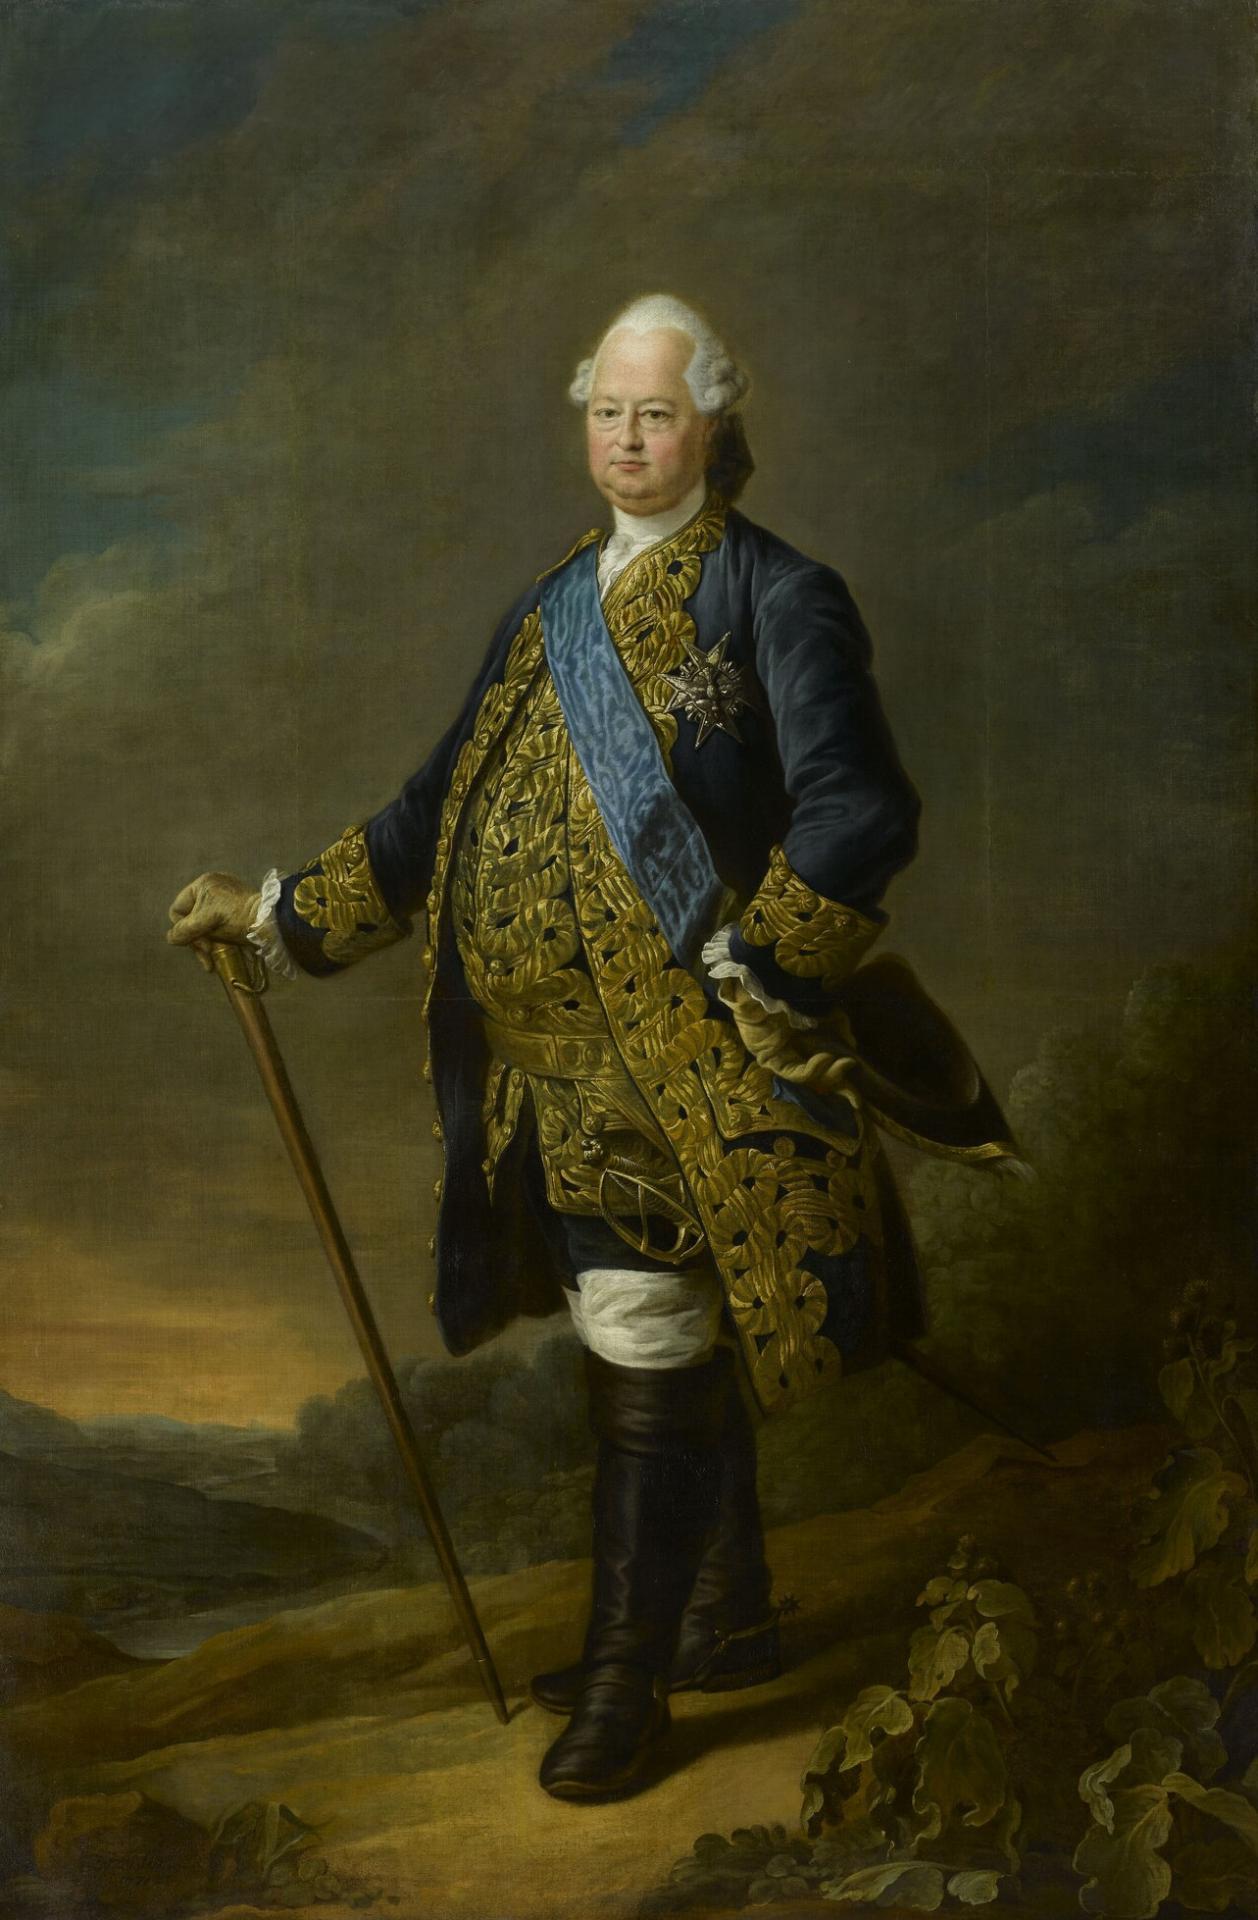 Louis de bourbon conde comte de clermont